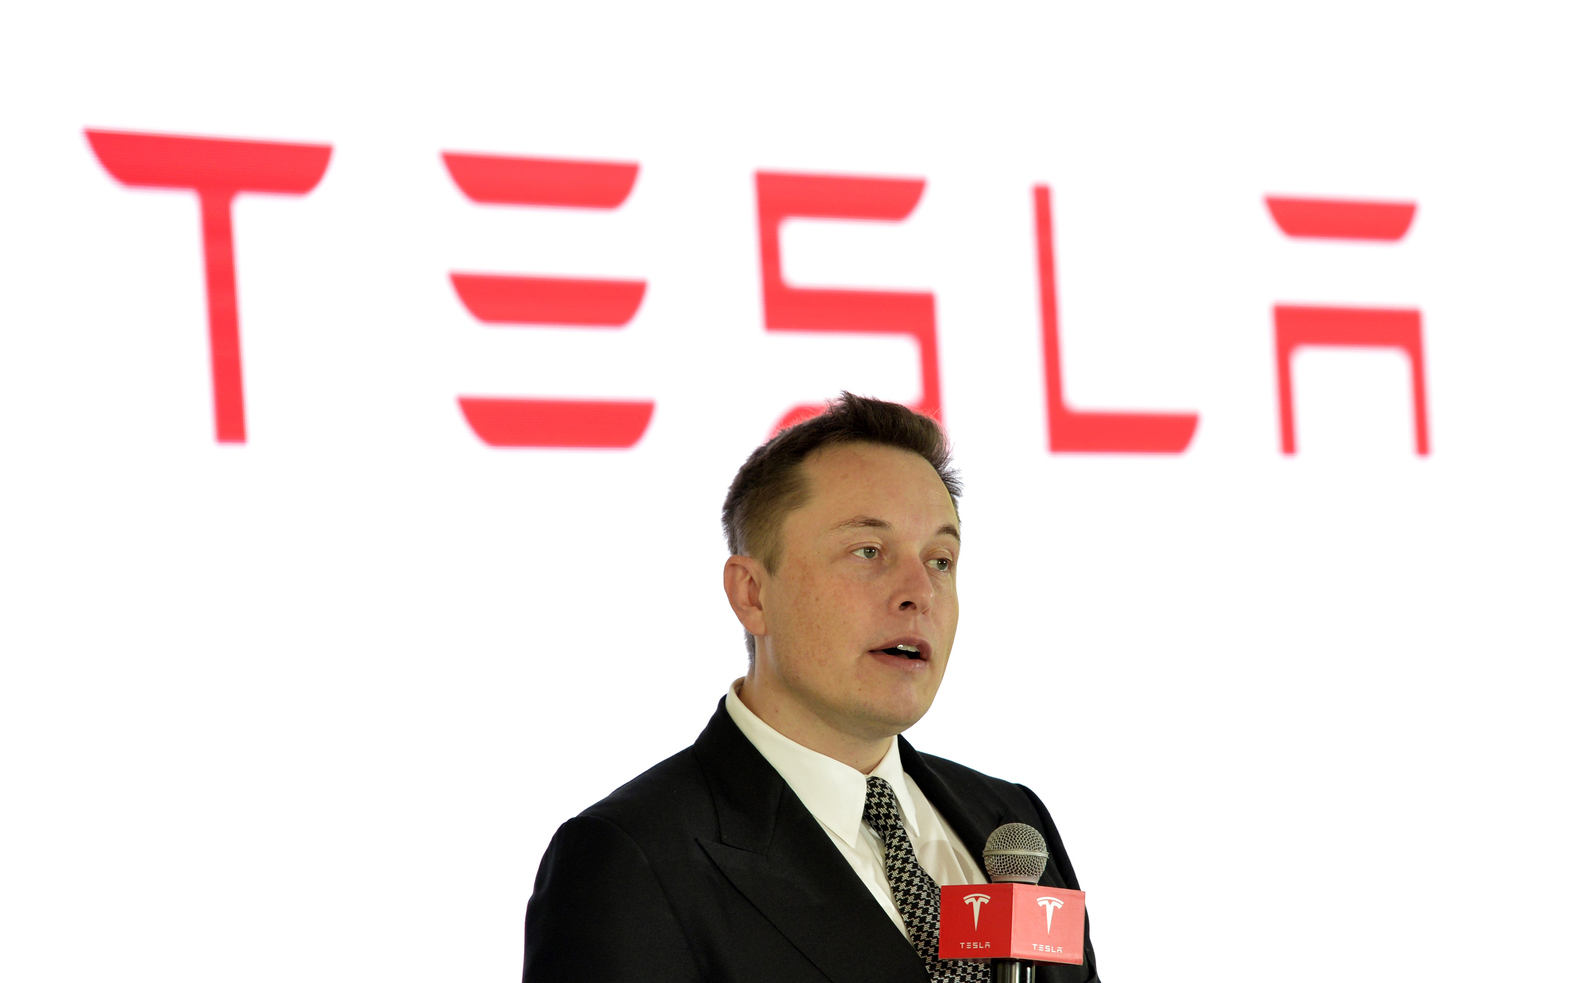 Elon Musk ist siebtreichste Person weltweit